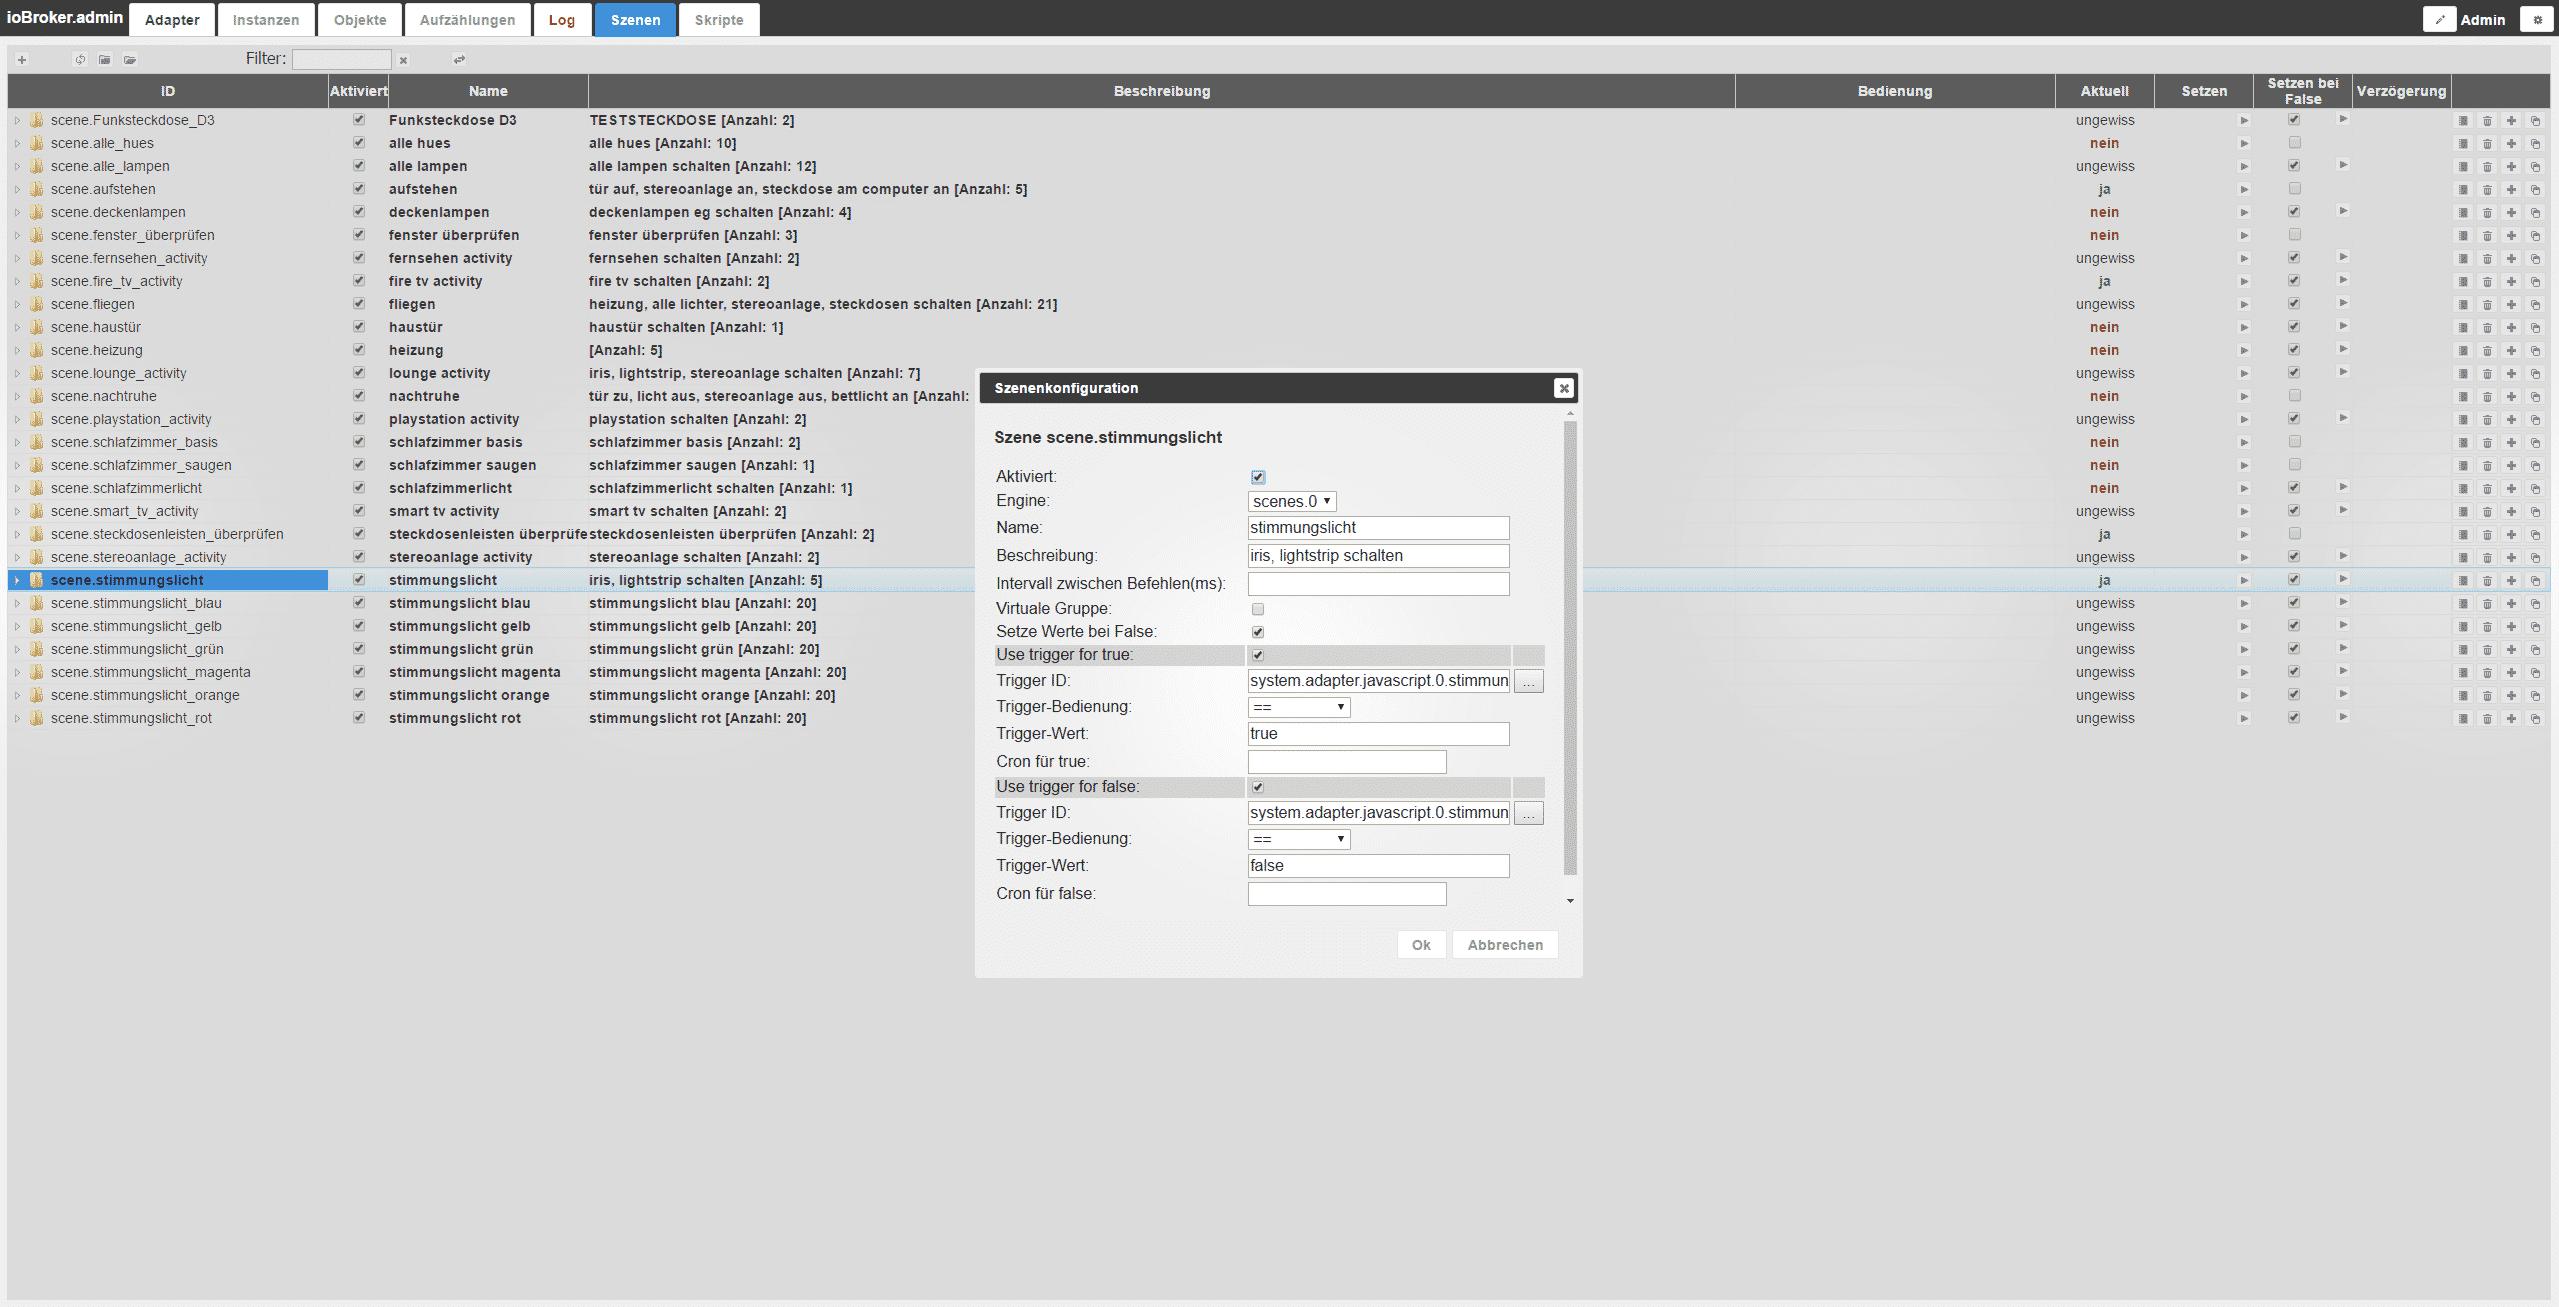 Szenen-in-ioBroker-erstellen-und-mit-Amazon-Alexa-steuern-8